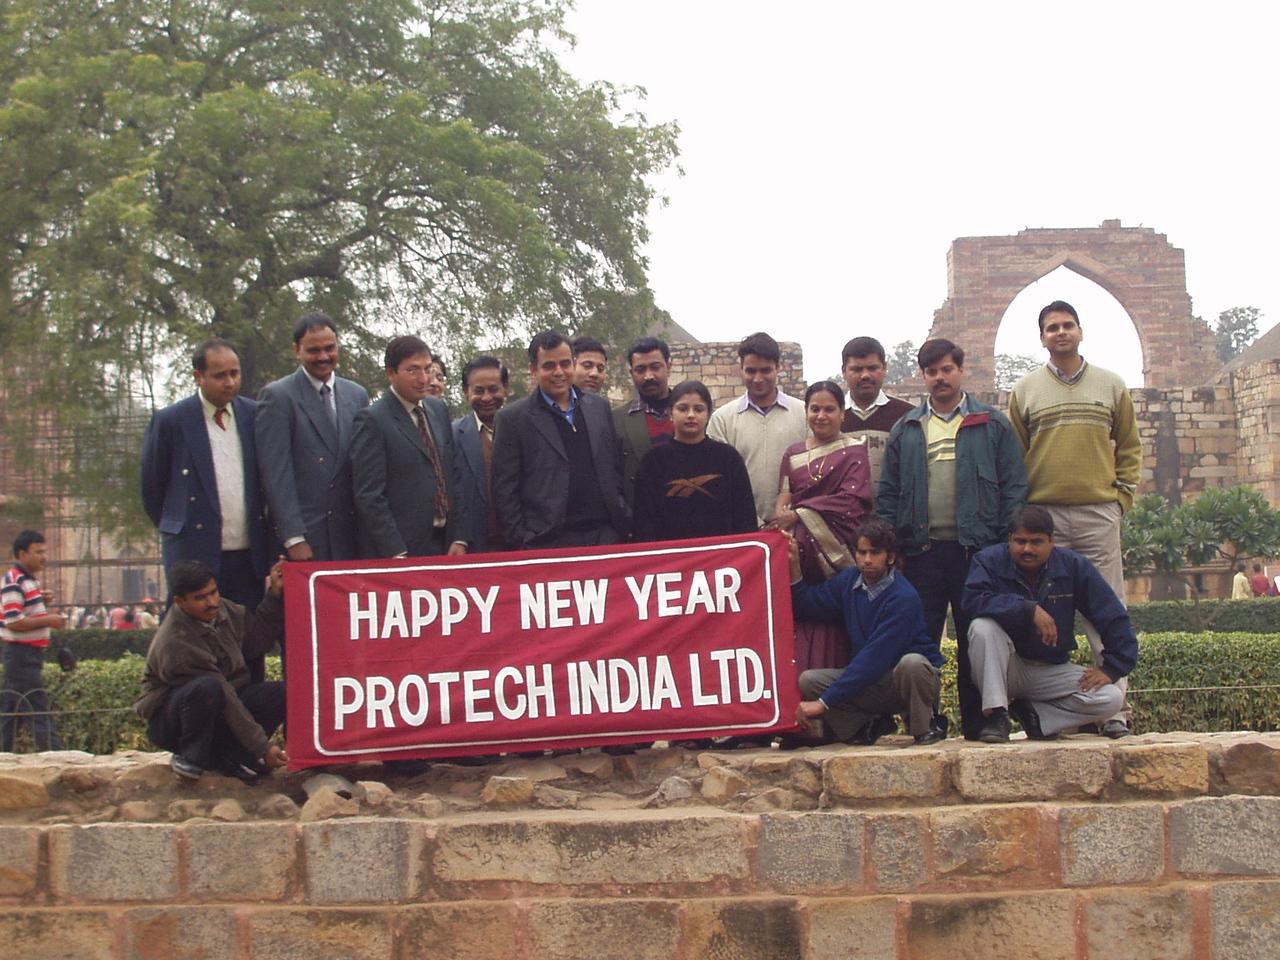 1 January: Happy New Year